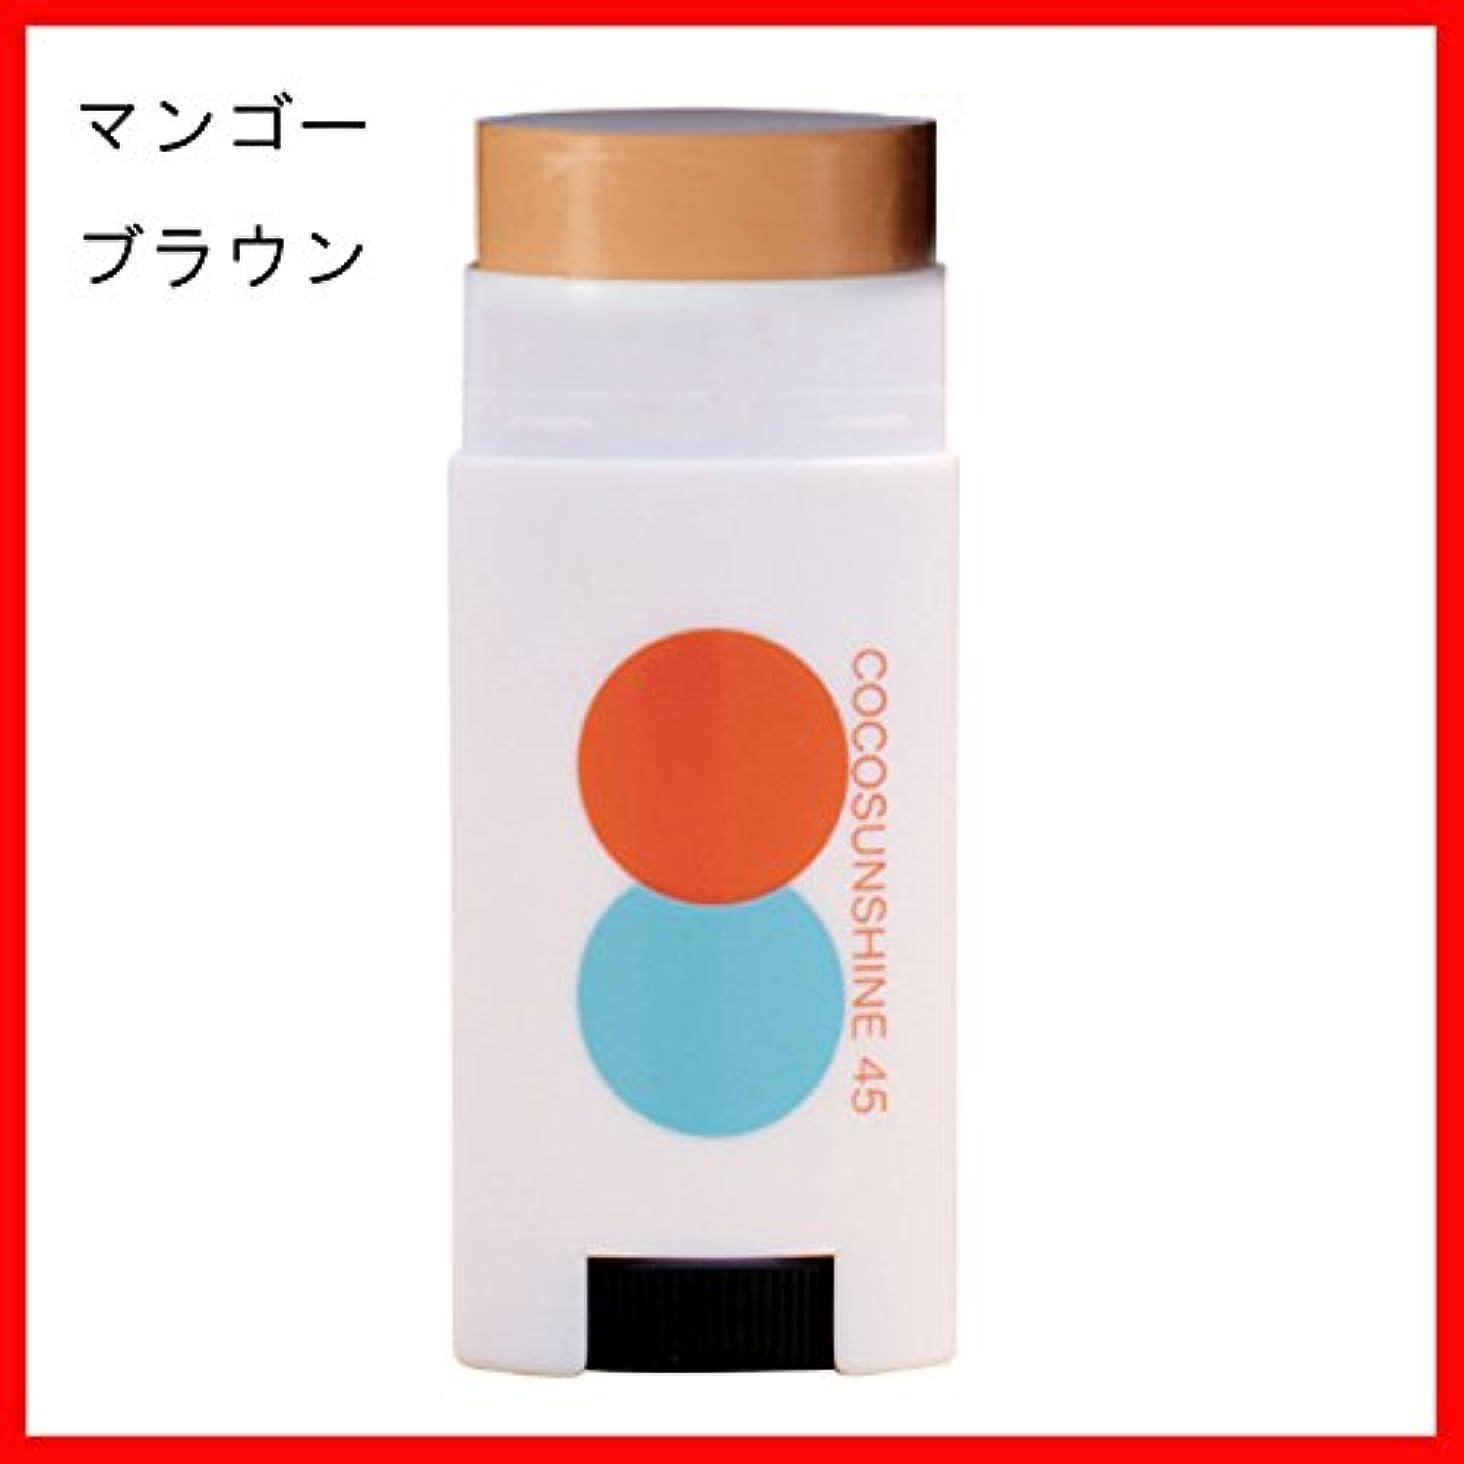 ほのめかす故障中トリムCOCOSUNSHINE(ココサンシャイン) フェイス スティック UV FACE STICK